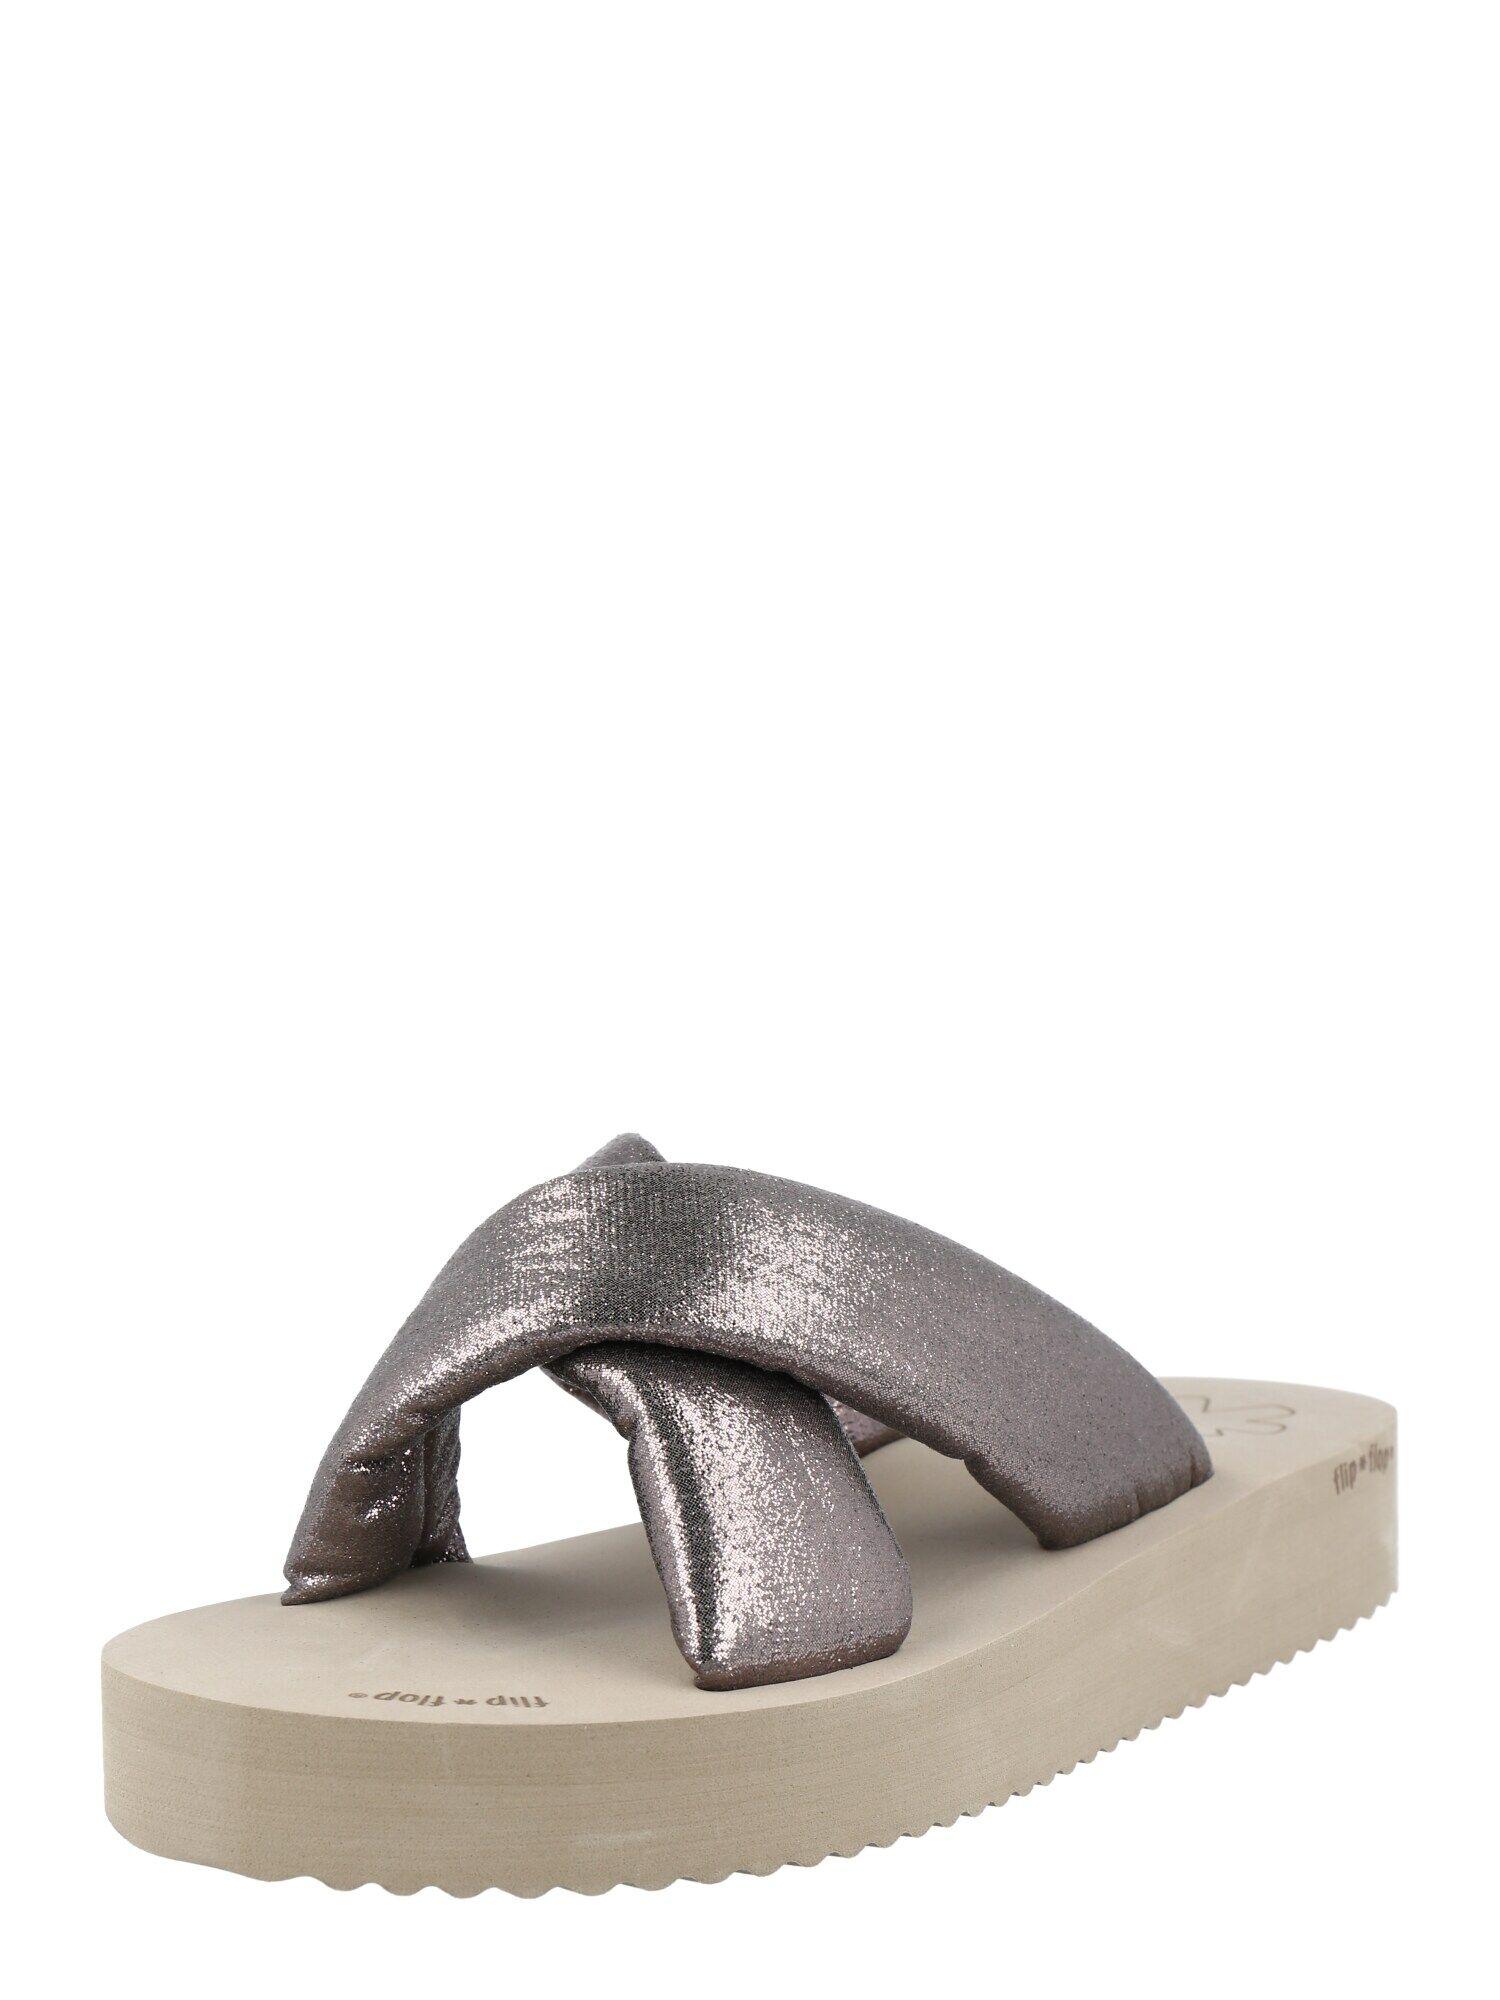 FLIP*FLOP Mule 'Chic'  - Argent - Taille: 38 - female